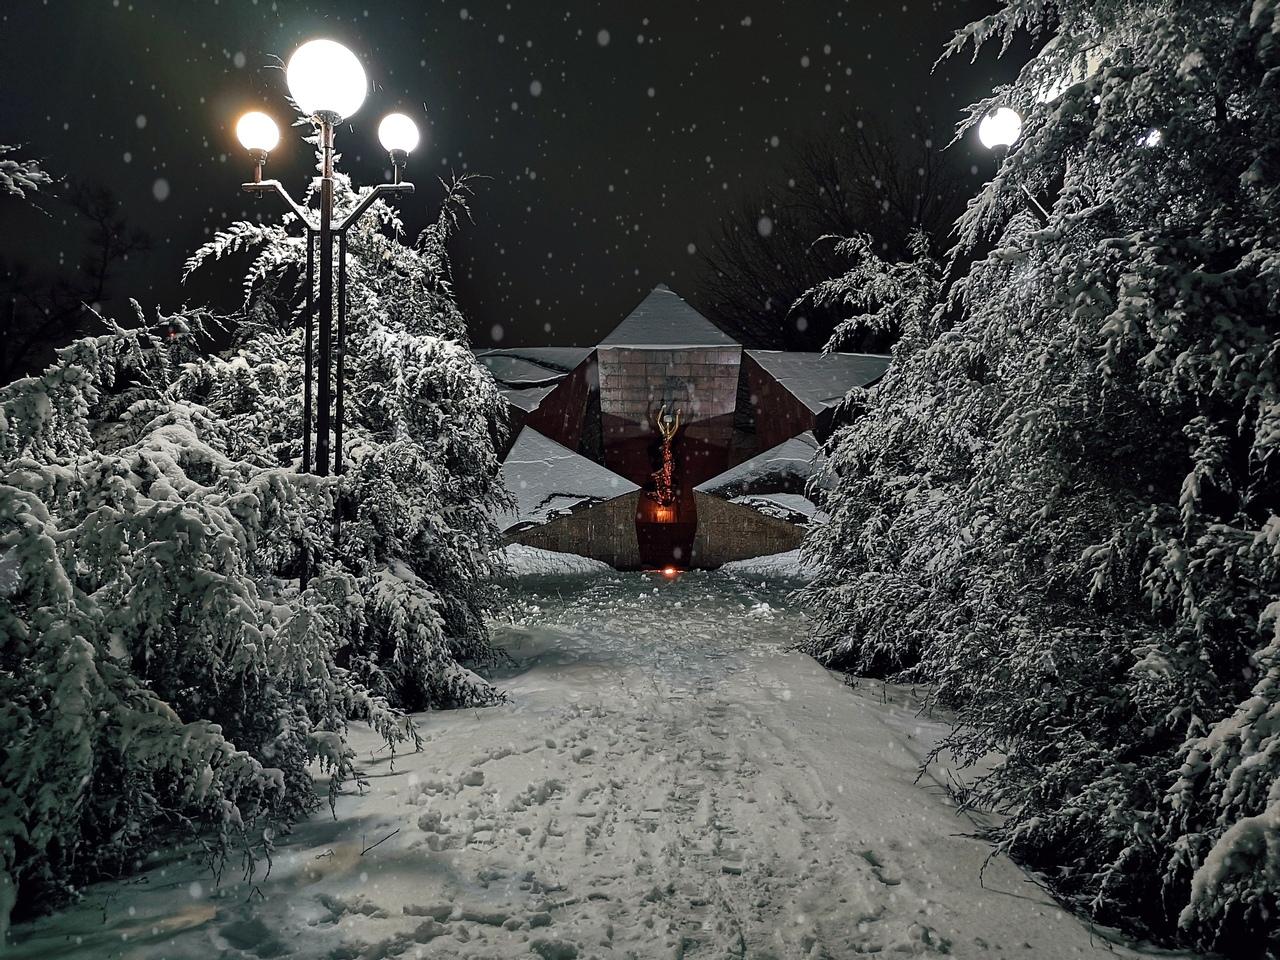 План проведения мероприятий в Таганроге с 17 февраля по 23 февраля 2020 года